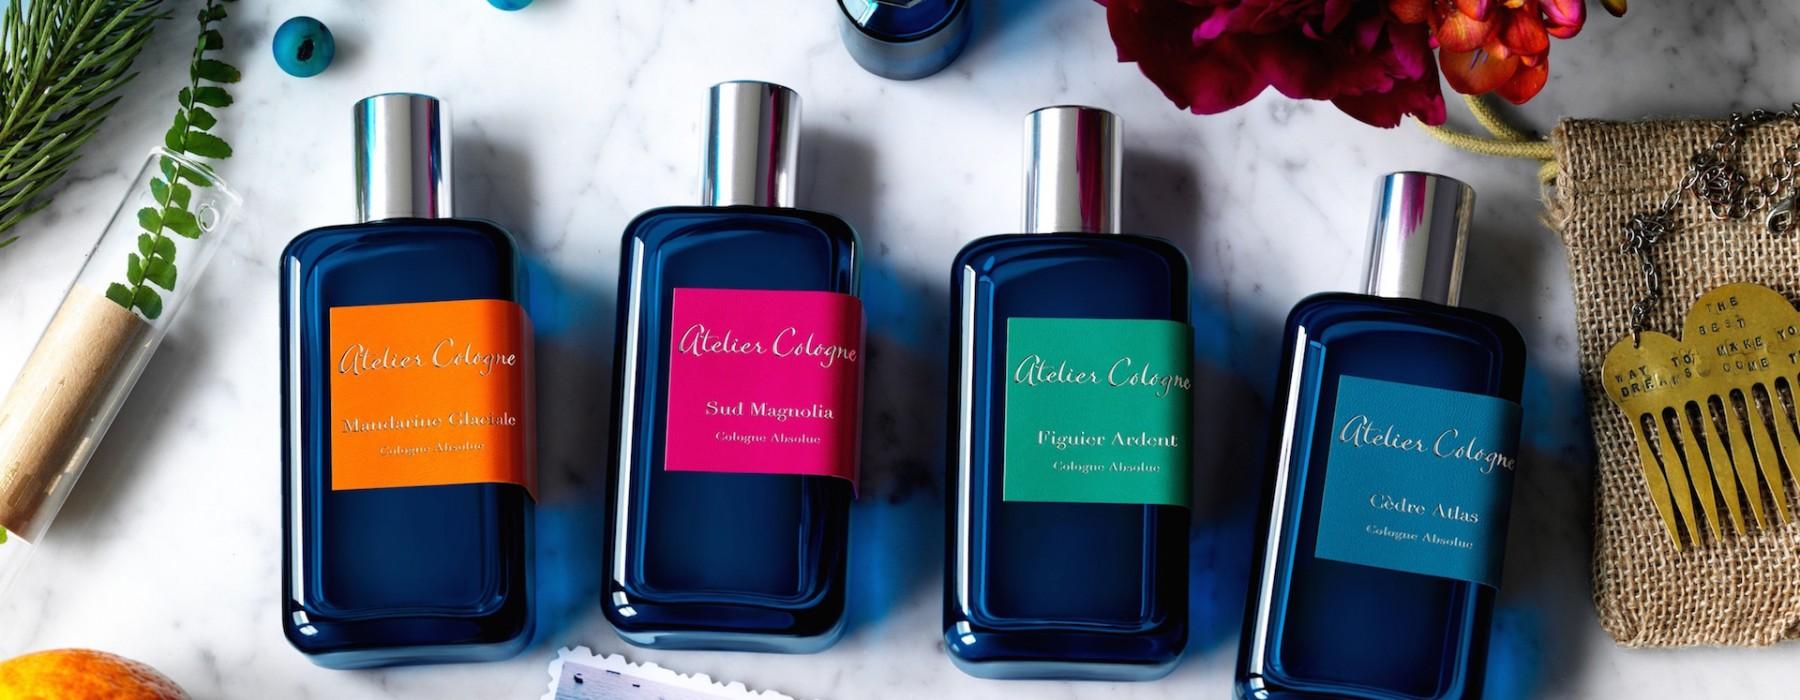 «Azur», la nouvelle collection d'Atelier Cologne